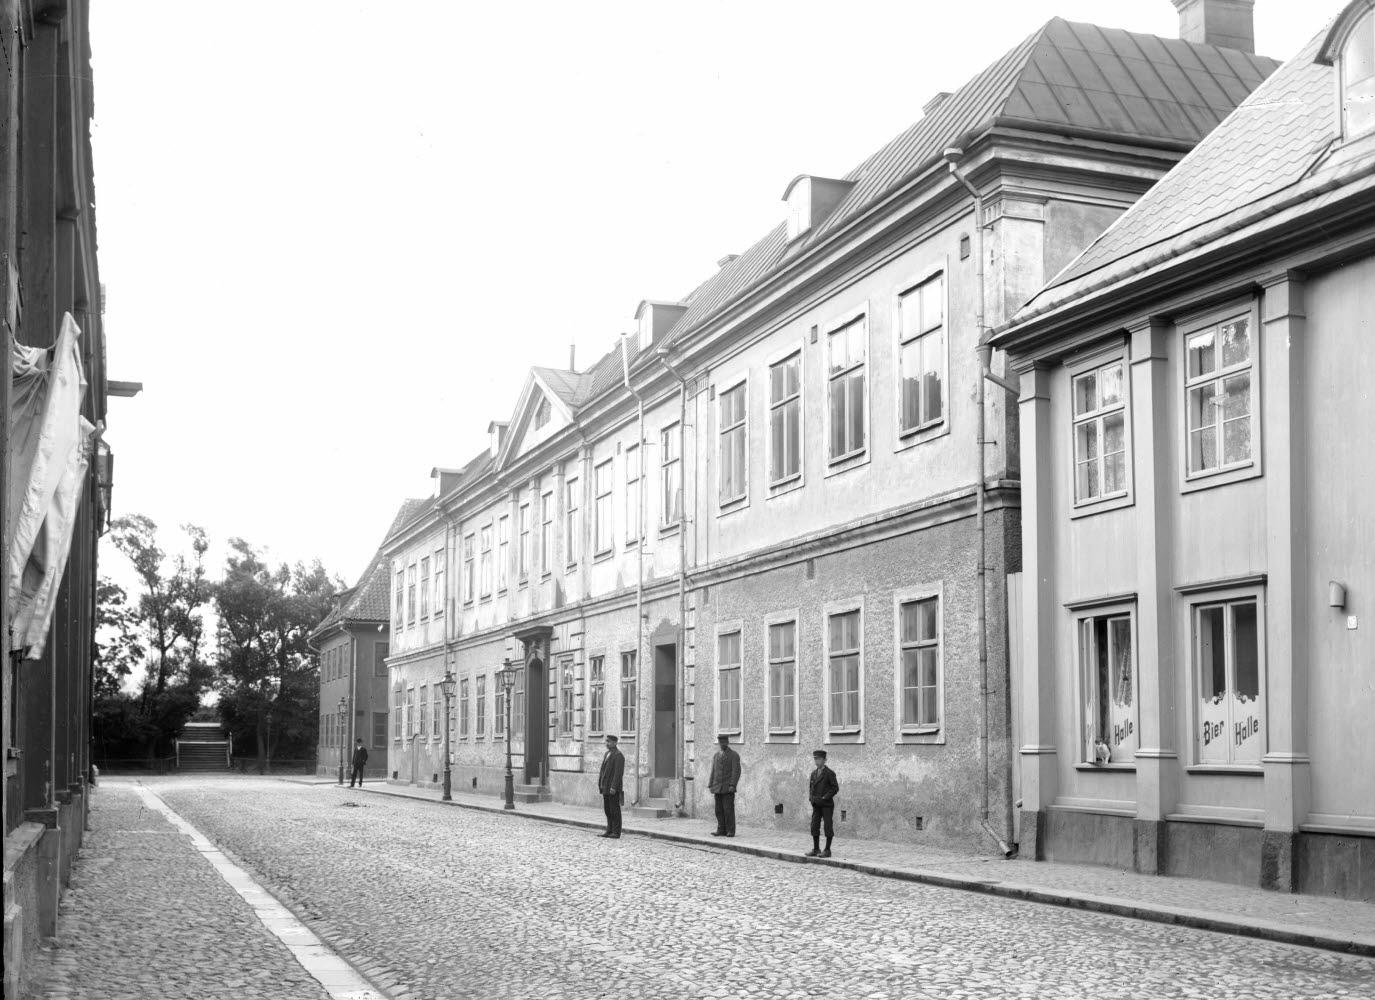 Västra Sjögatan Länsstyrelsen. Landshövdingens residens